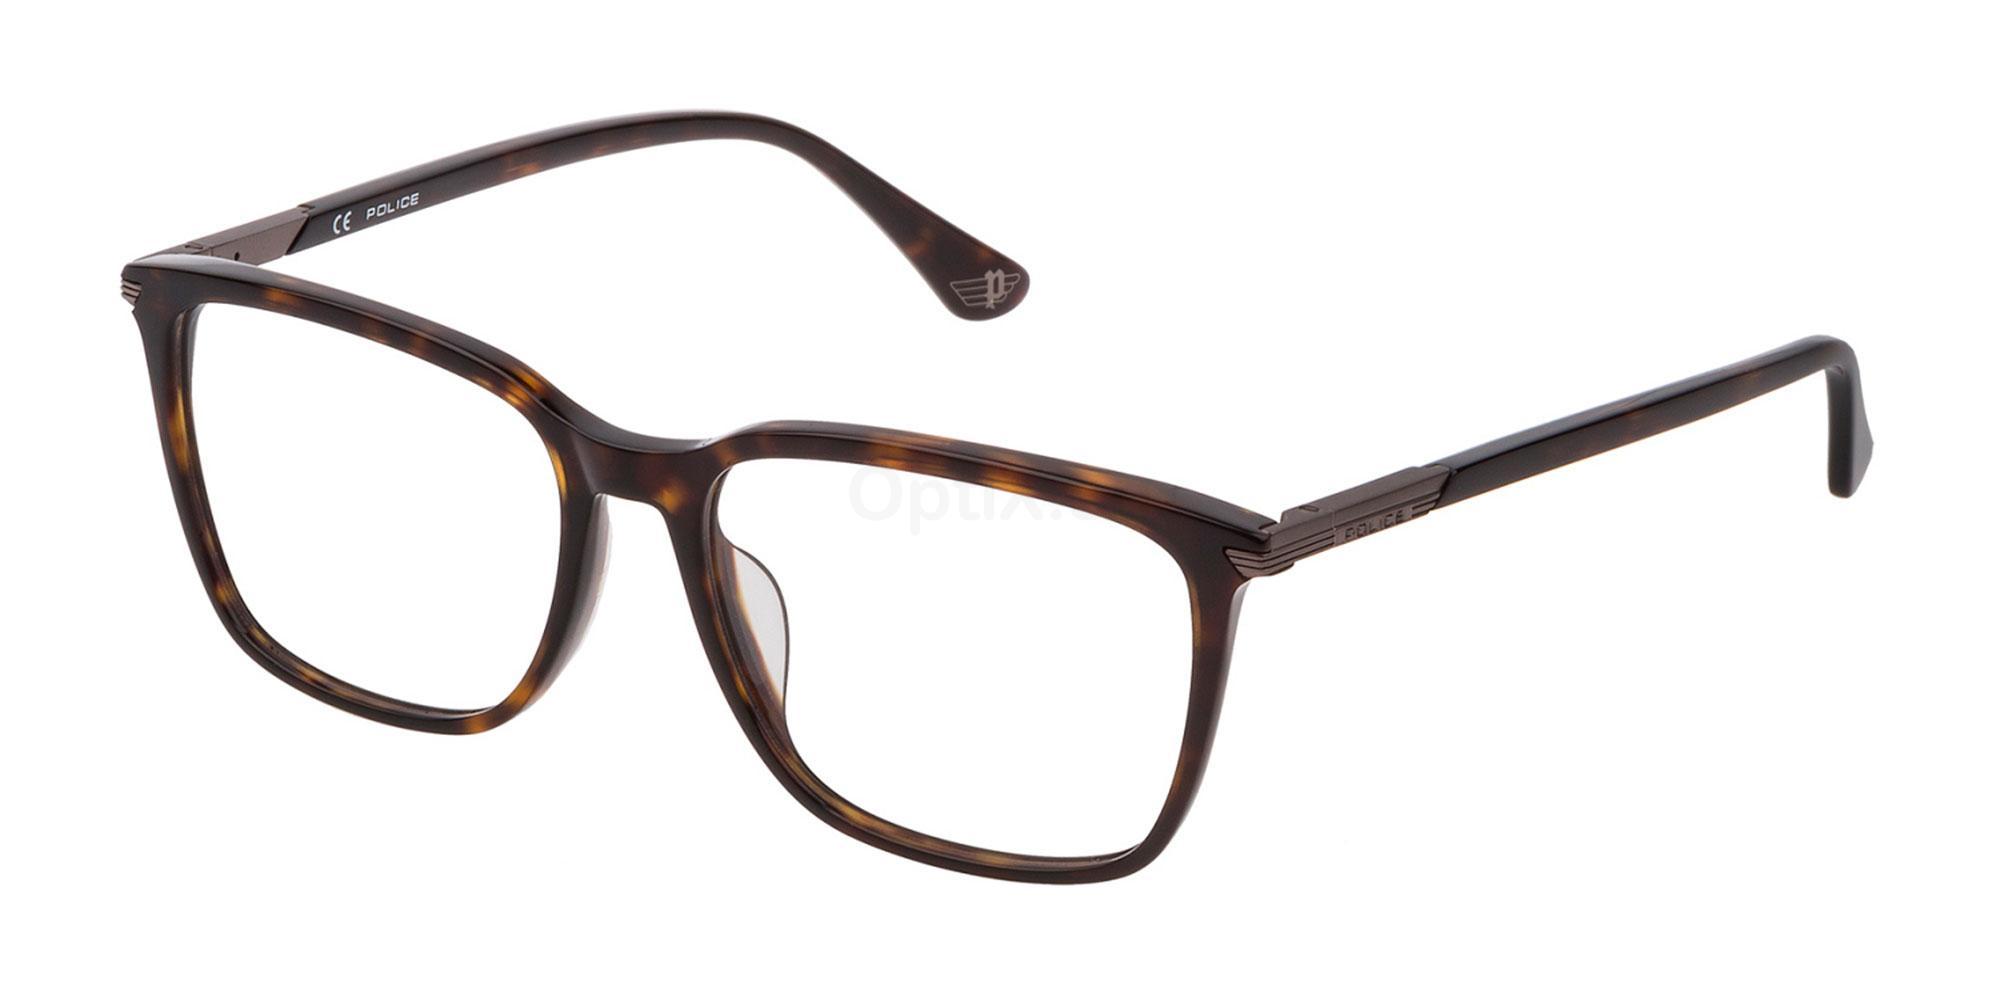 0722 VPL792N Glasses, Police